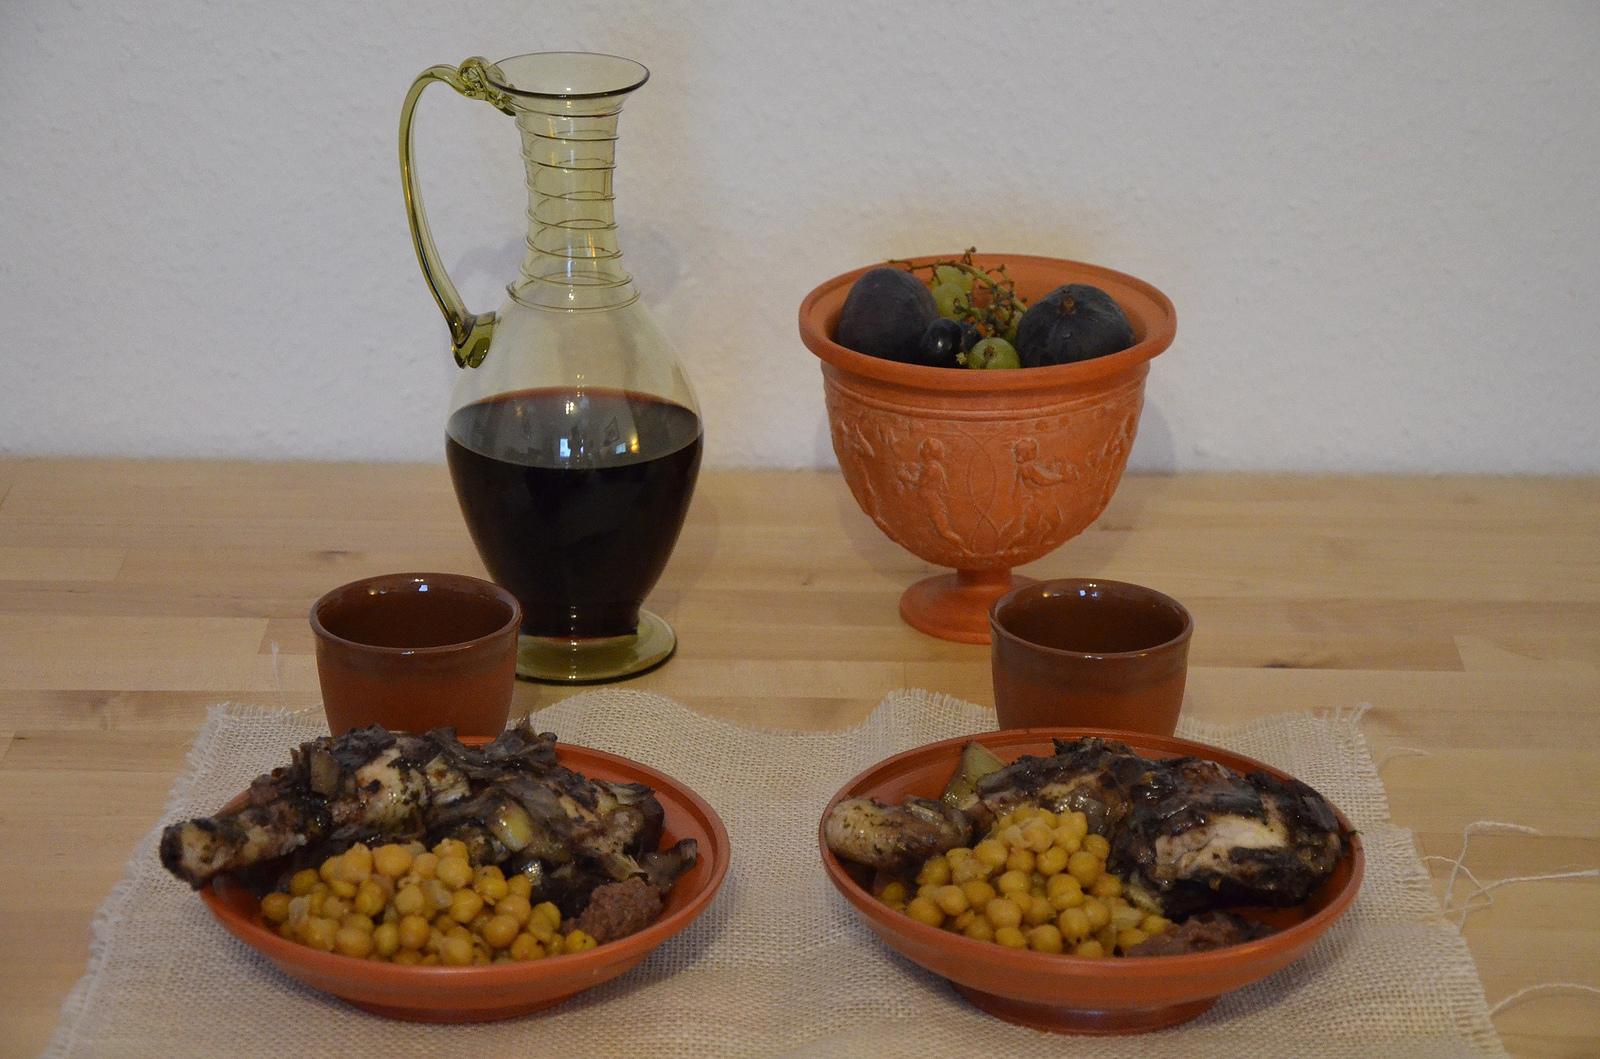 포도주에 대한 갈리아족과 게르마니아족의 차이는?